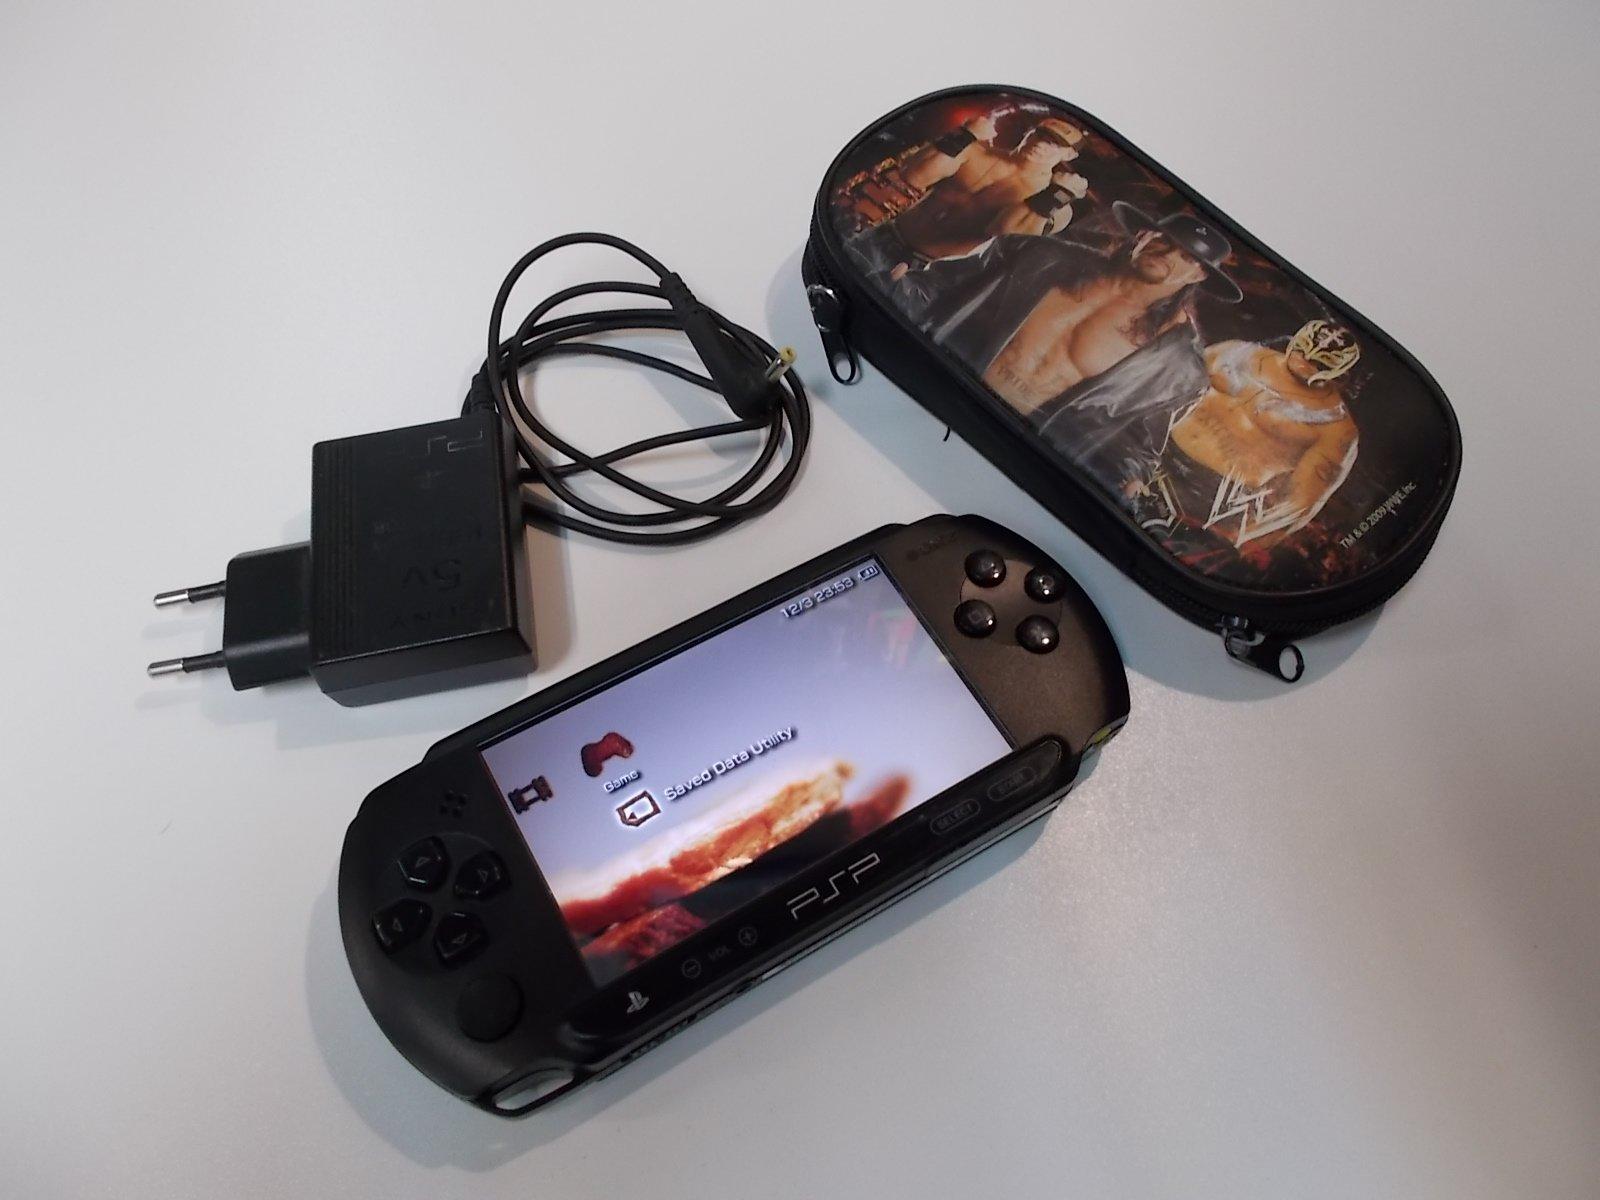 Konsola PSP Sony + Etui - Opole